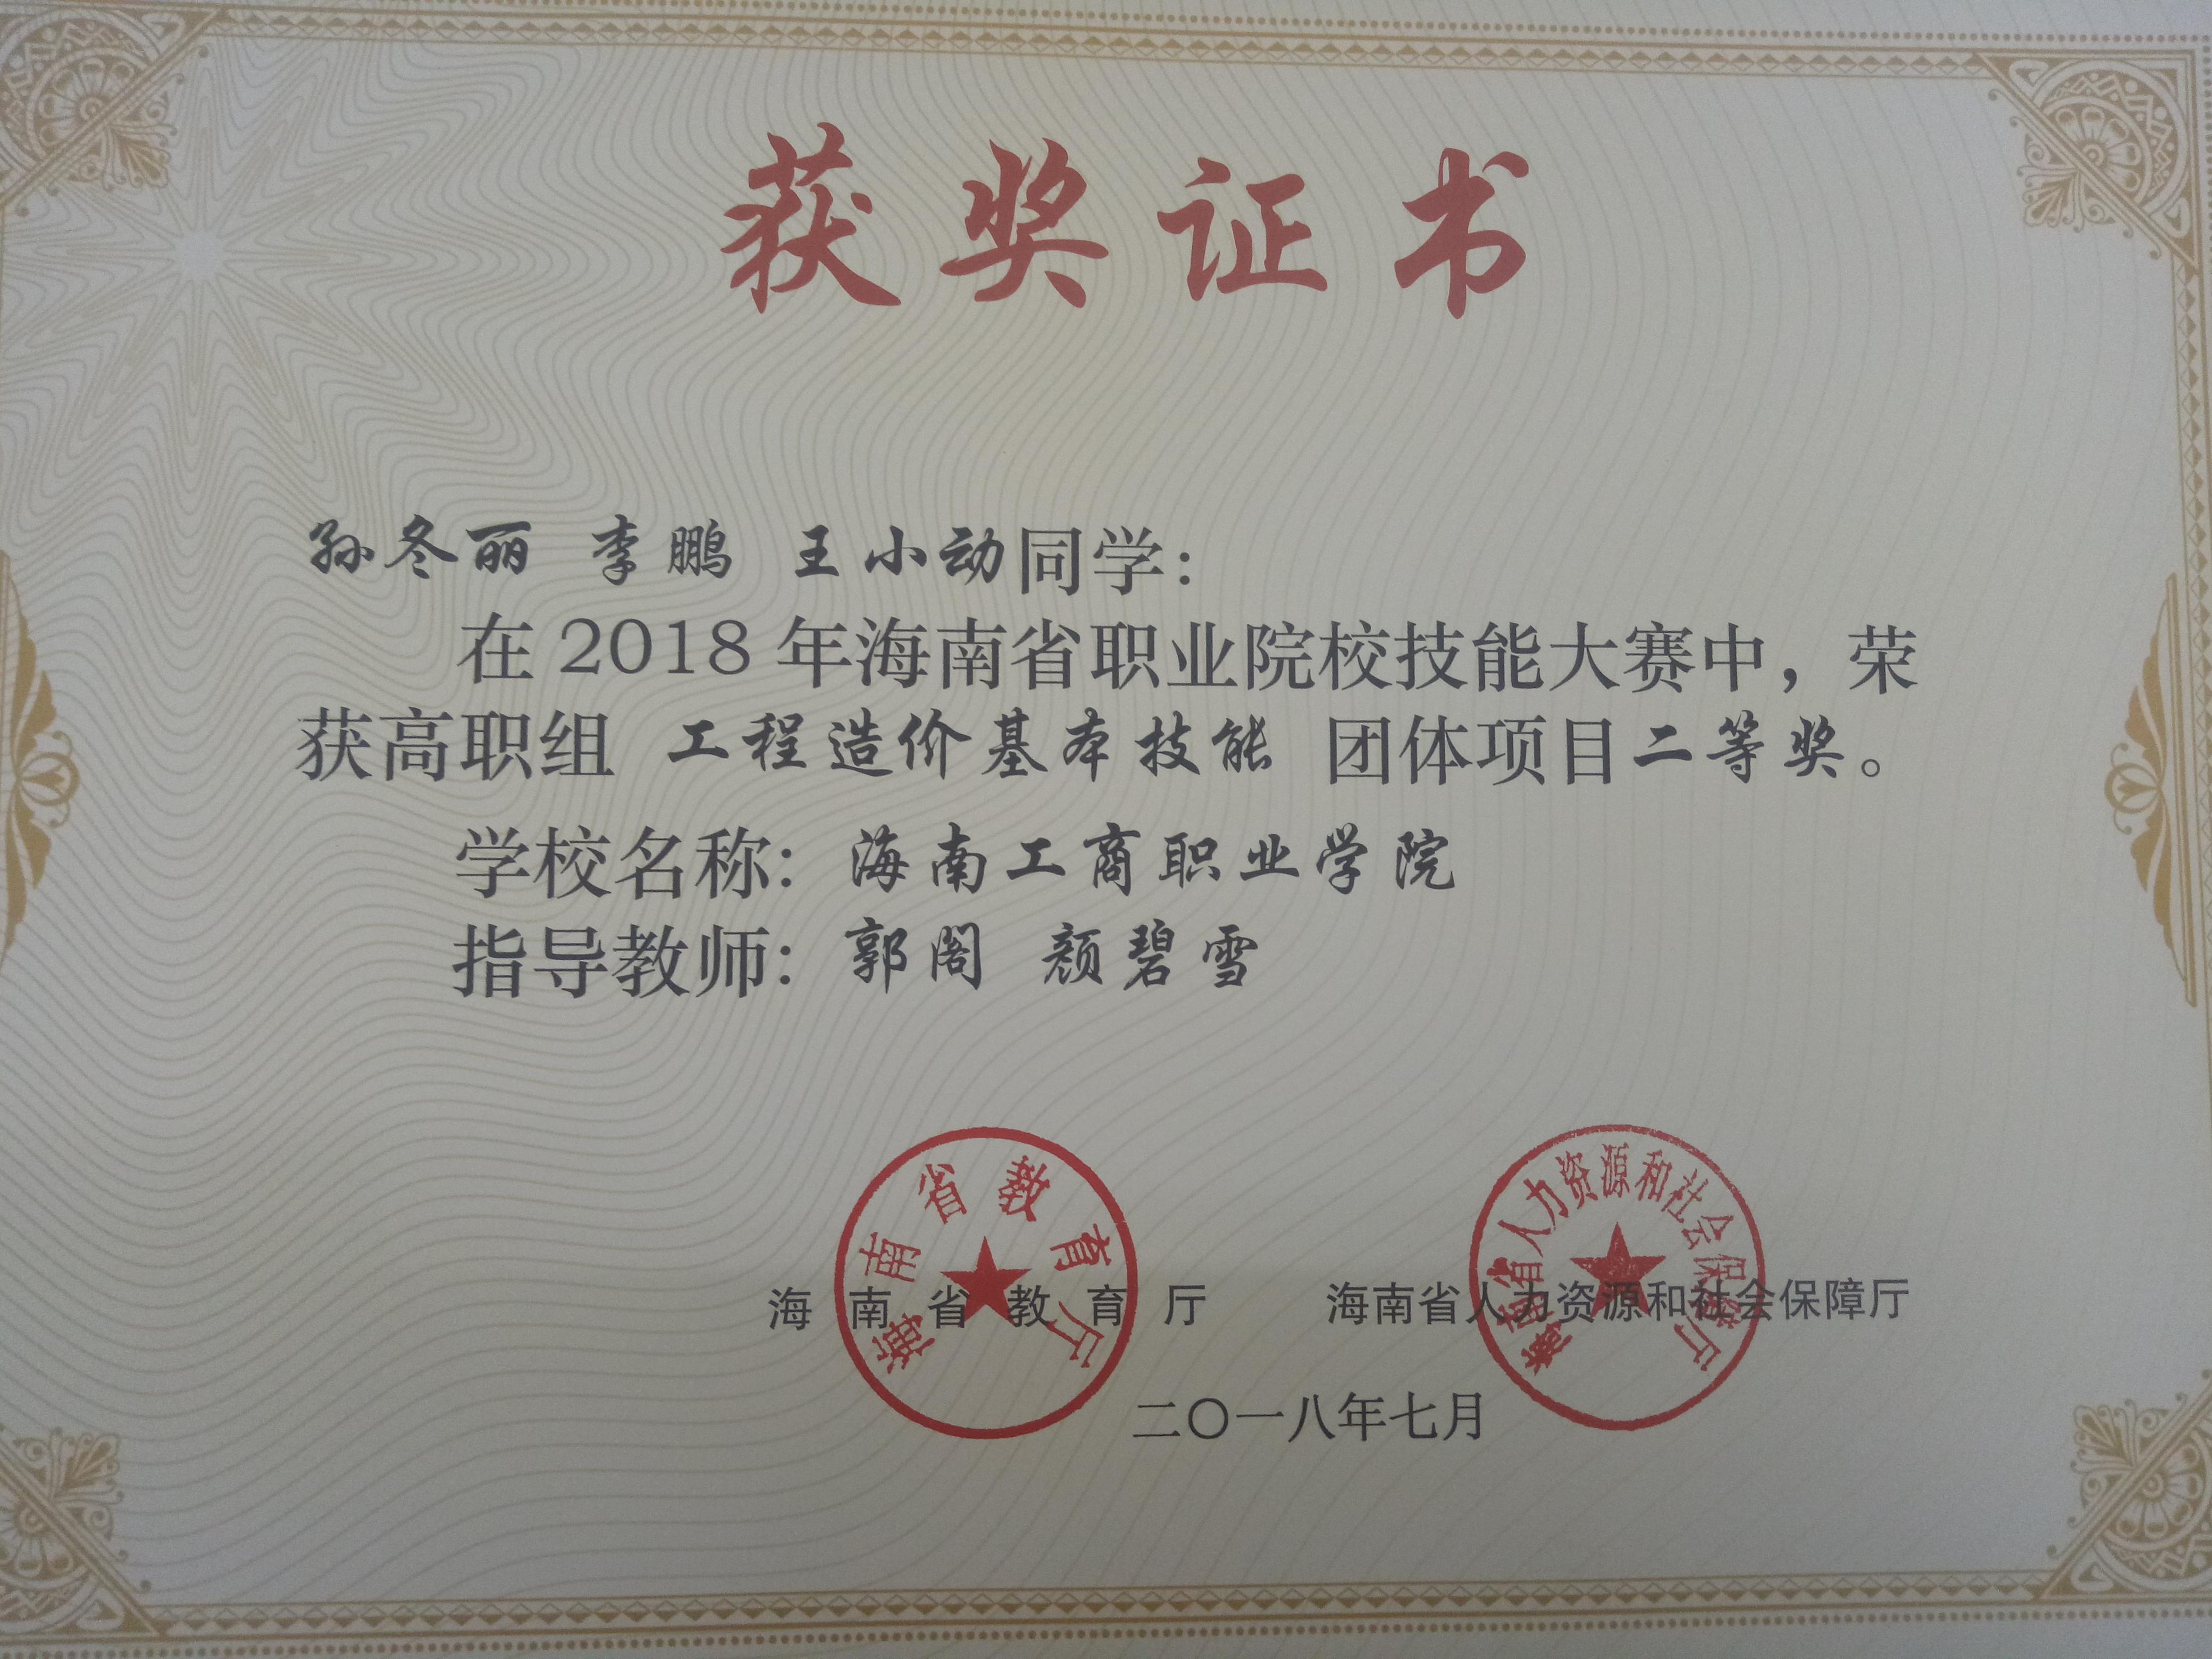 2018年海南省技能大赛高职组 工程造价基本技能 团体项目 二等奖